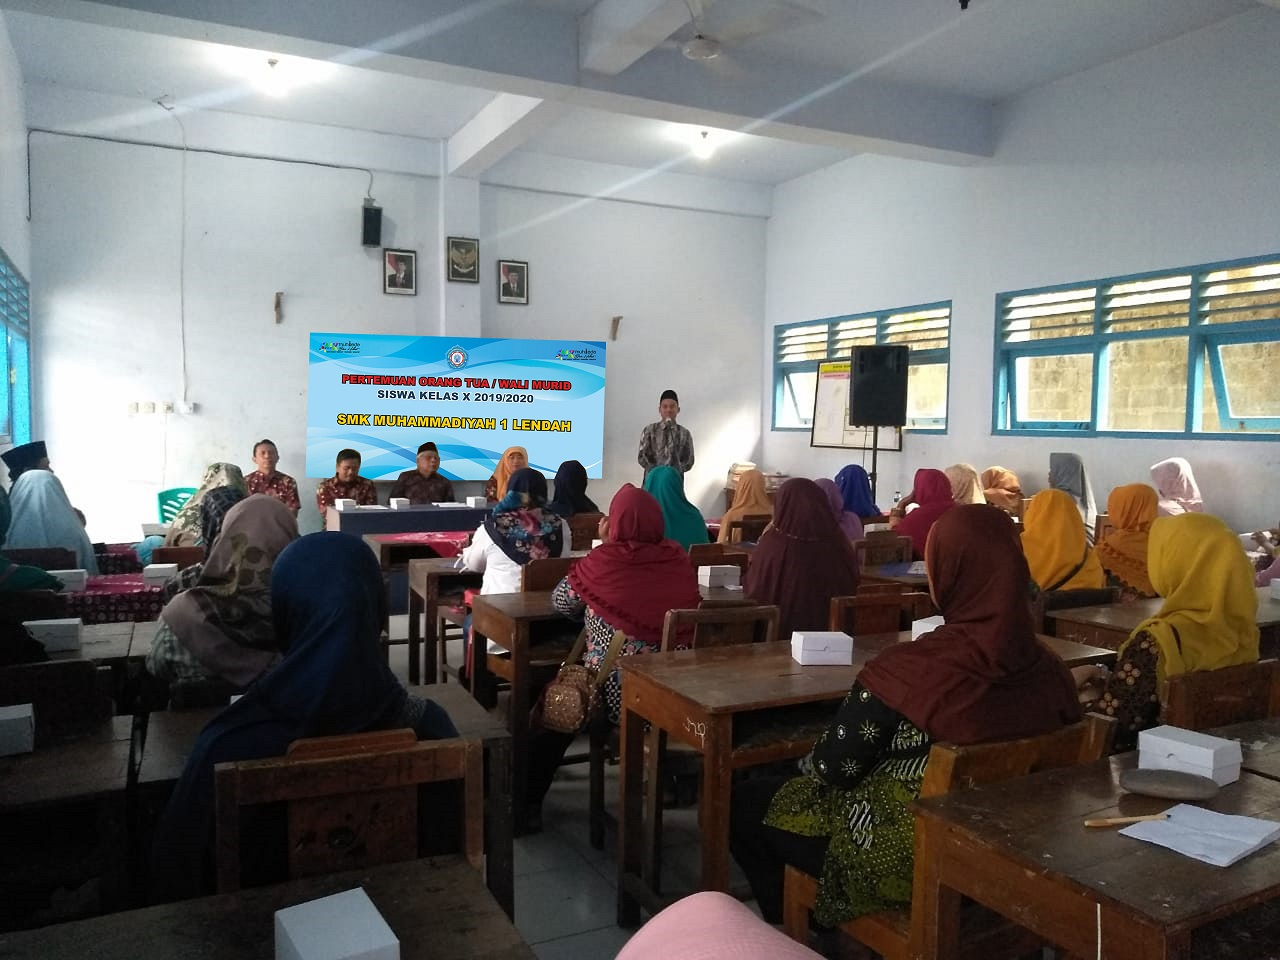 Pertemuan Orang Tua/Wali Murid kelas X 2019/2020